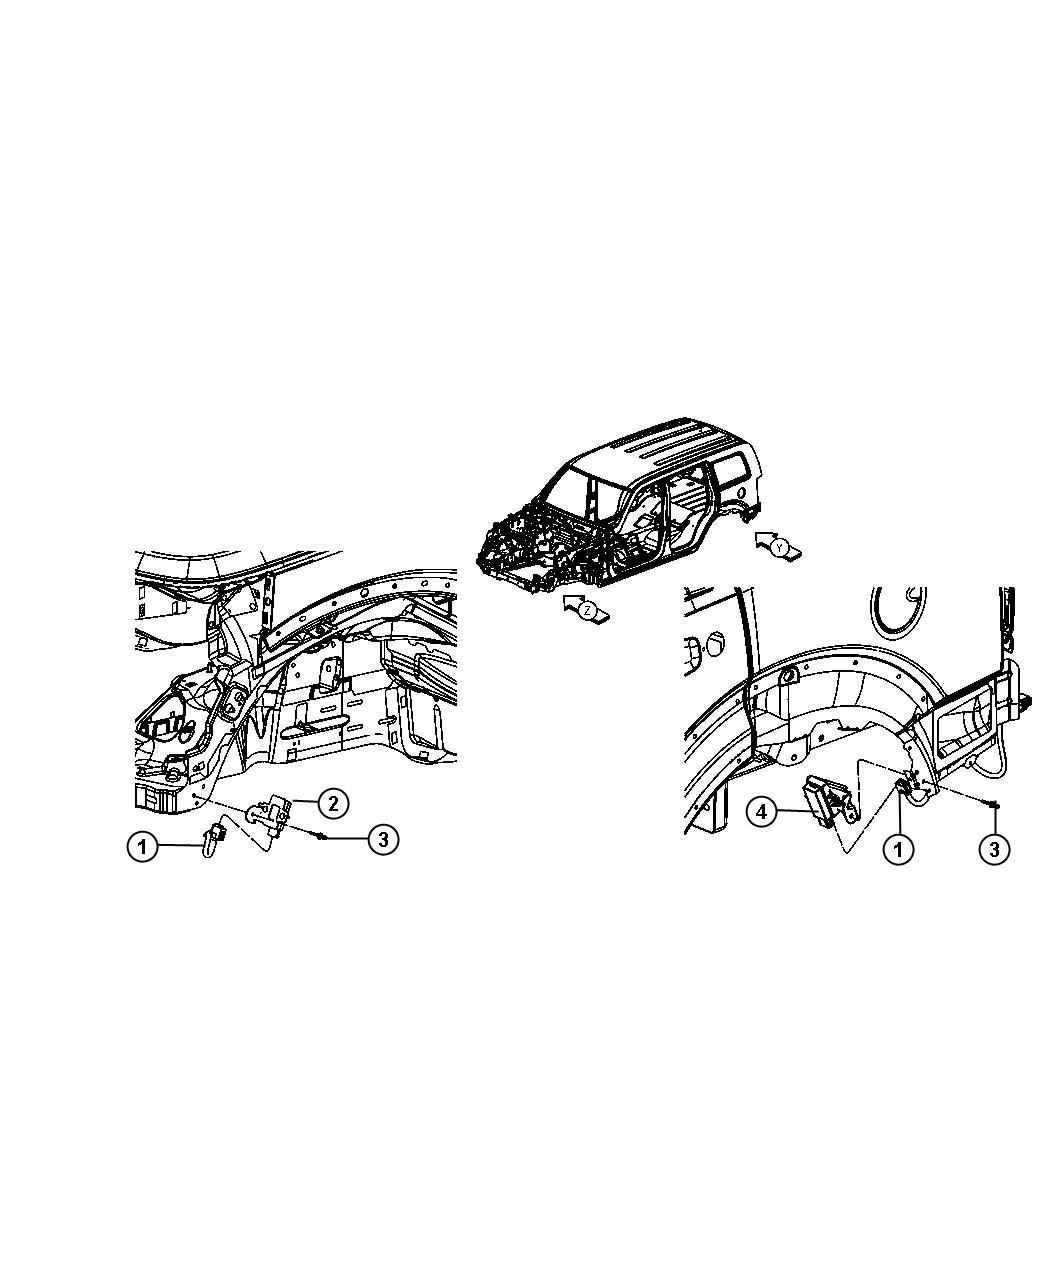 Dodge Nitro Module Trigger Tire Pressure Tire